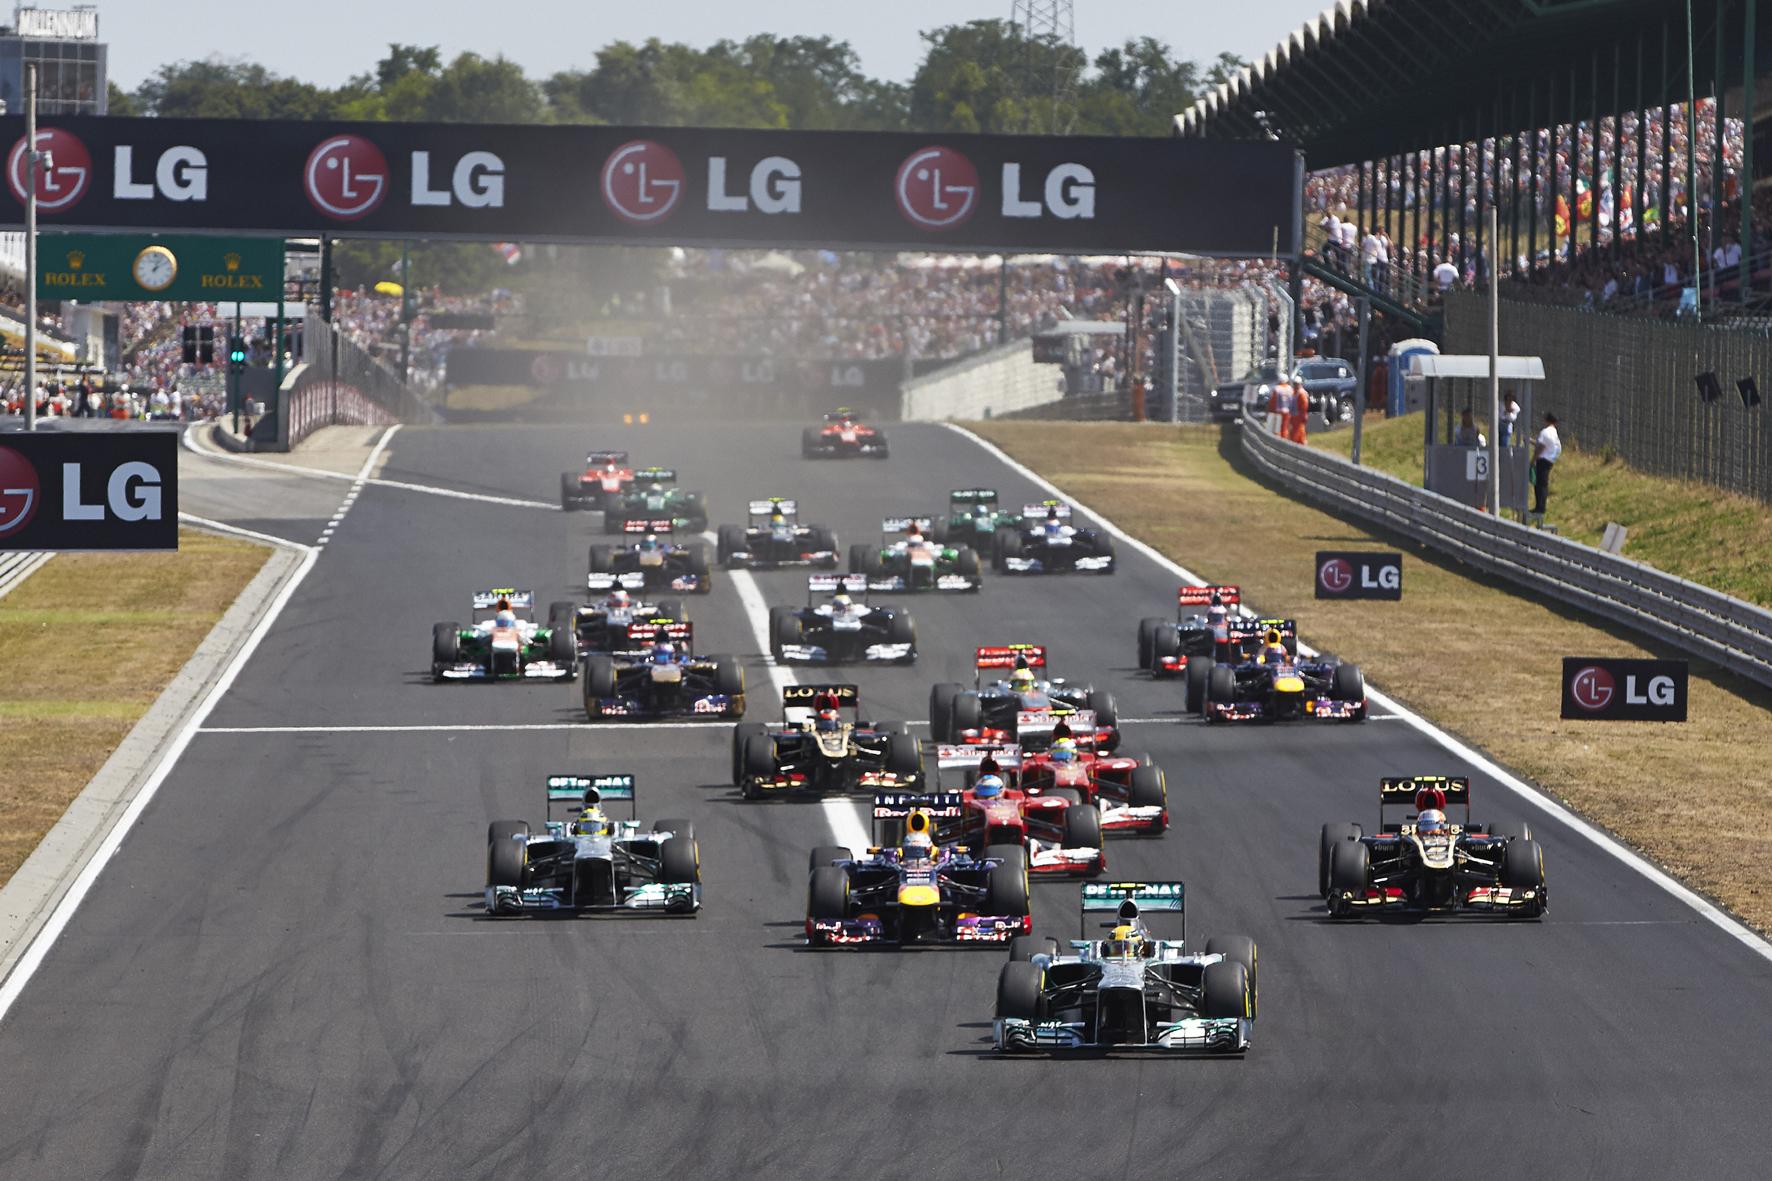 mid Groß-Gerau - In der Formel 1 geht der Motorenstreit in eine neue Runde: Promotor Bernie Ecclestone will möglichst schnell einen einfacheren und billigeren Motor einführen, um die Königsklasse des Motorsports wieder spannender und gerechter zu machen.